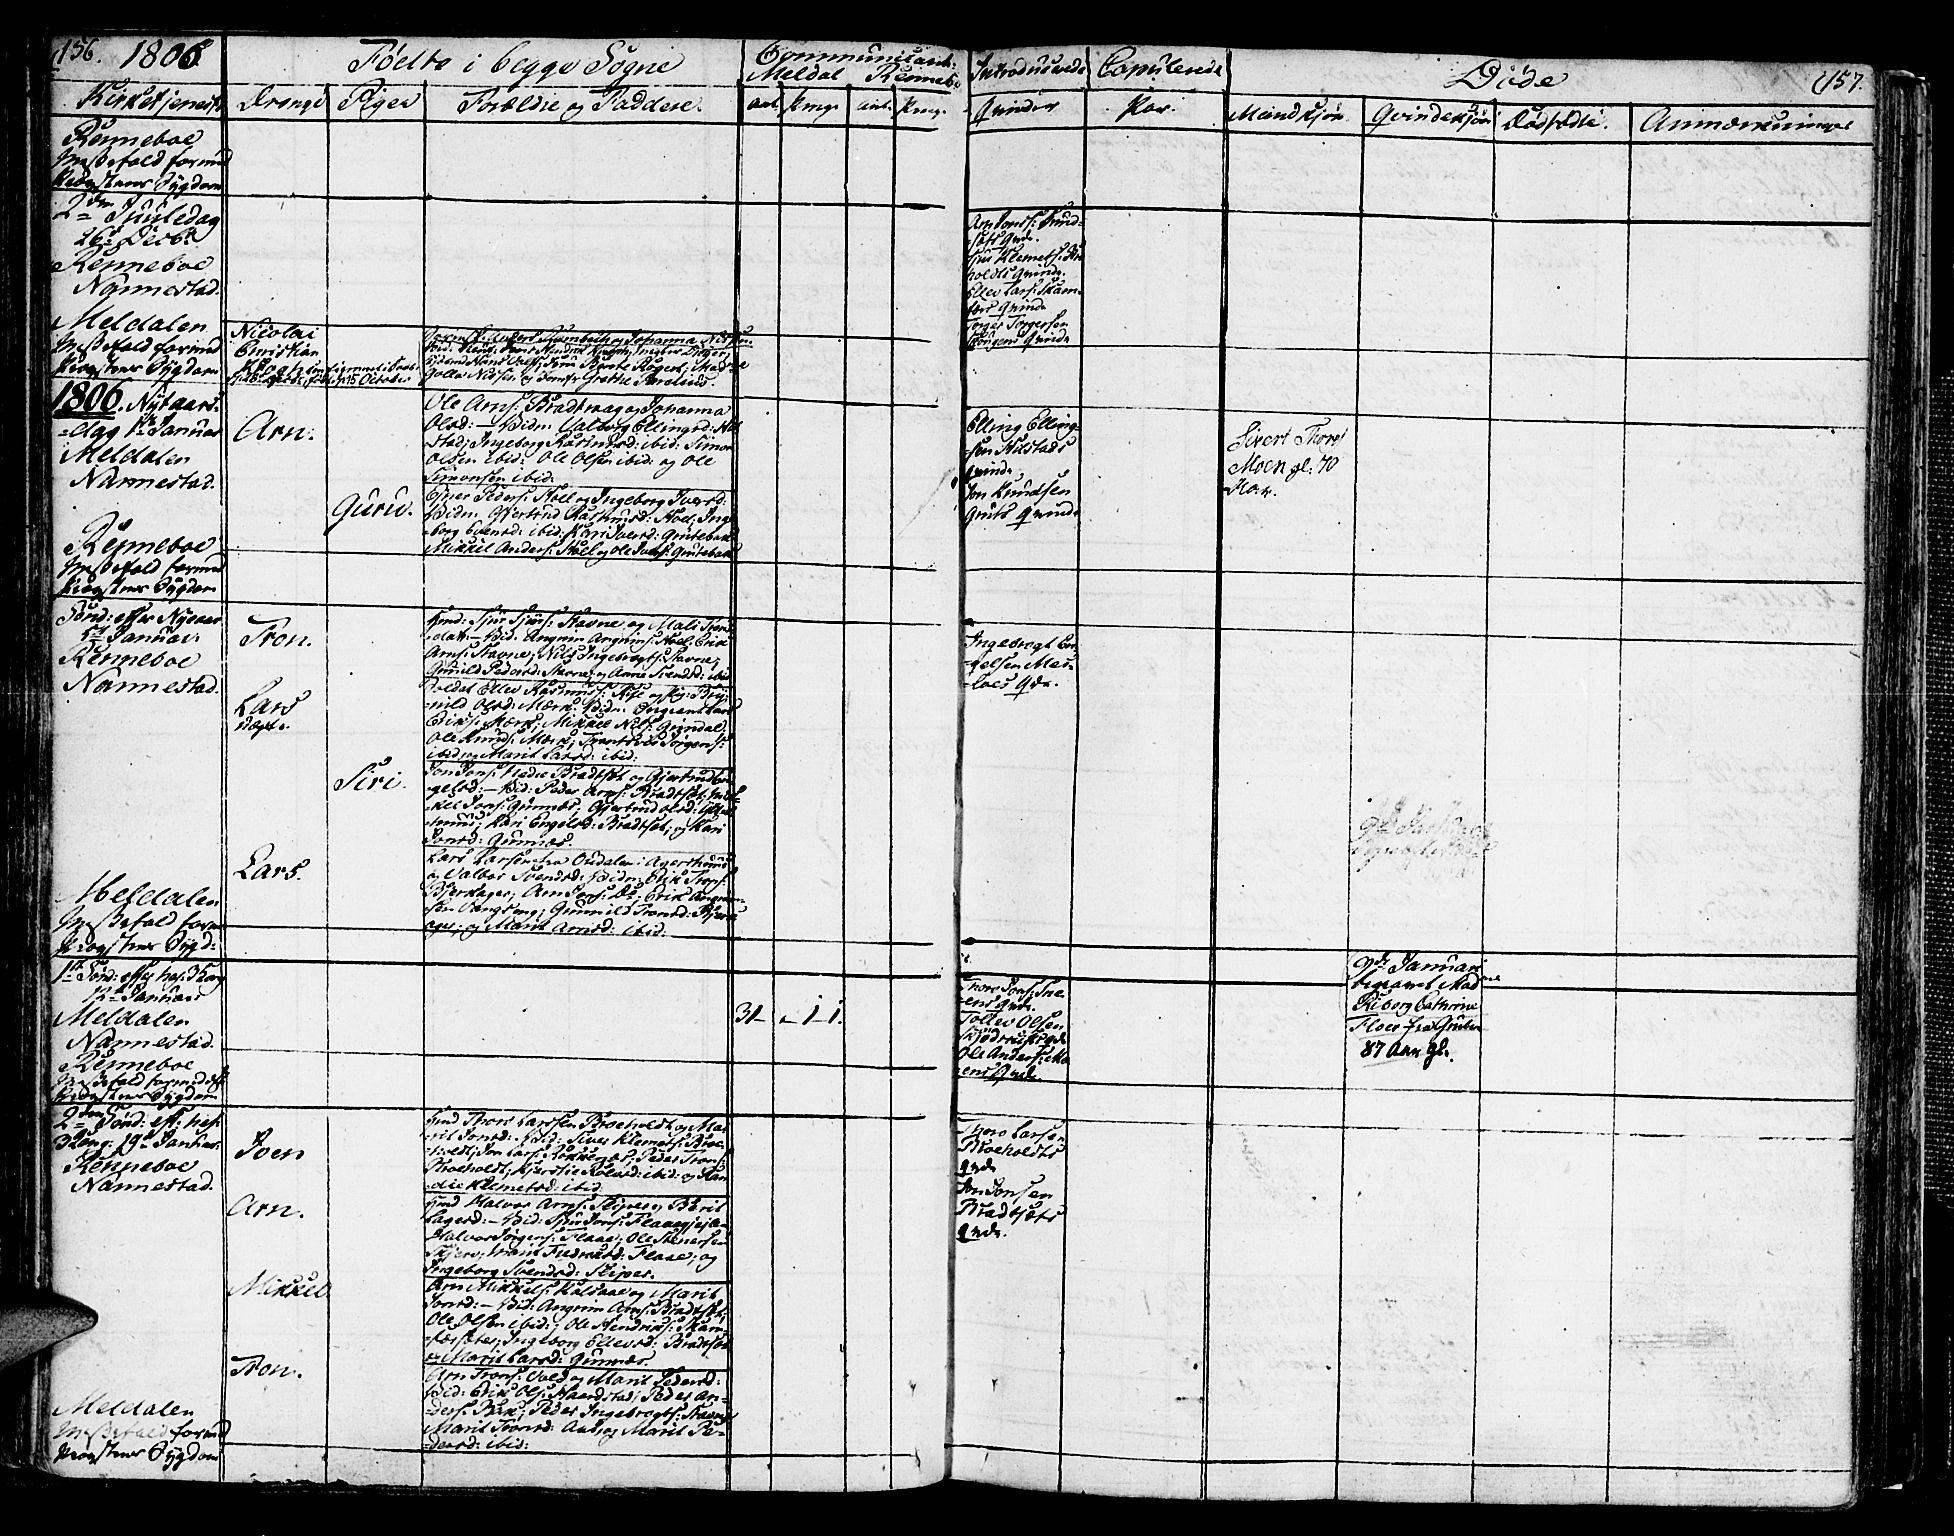 SAT, Ministerialprotokoller, klokkerbøker og fødselsregistre - Sør-Trøndelag, 672/L0852: Ministerialbok nr. 672A05, 1776-1815, s. 156-157